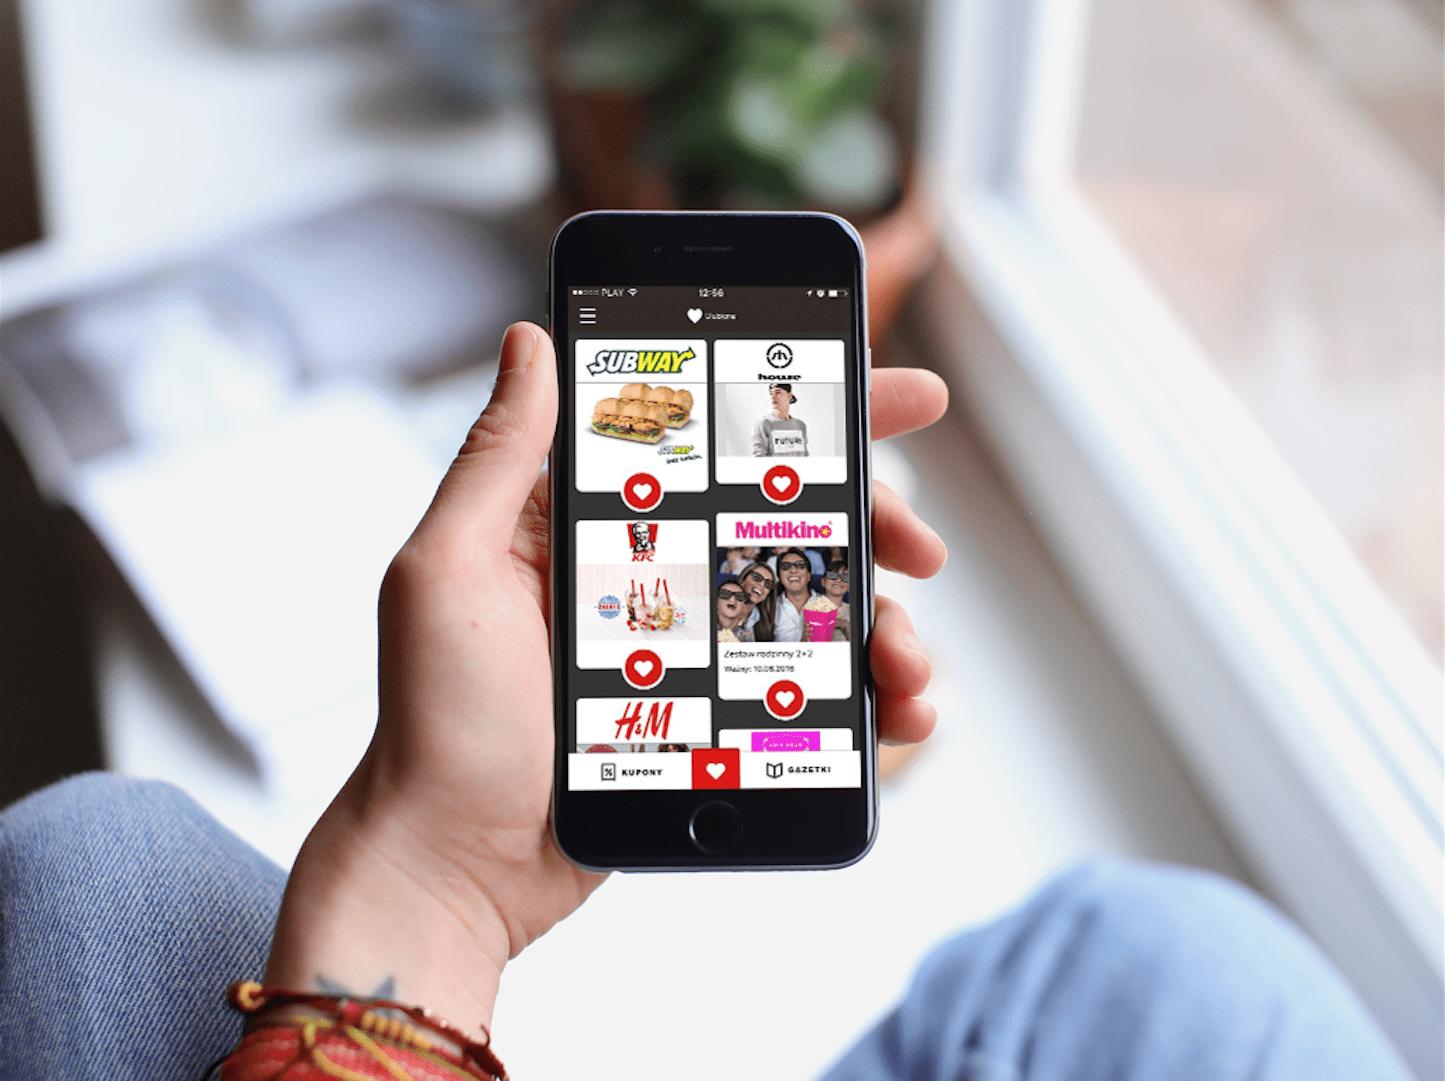 Recenzja Qpony – aplikacja, w której znajdziesz aktualne zniżki i gazetki popularnych sklepów